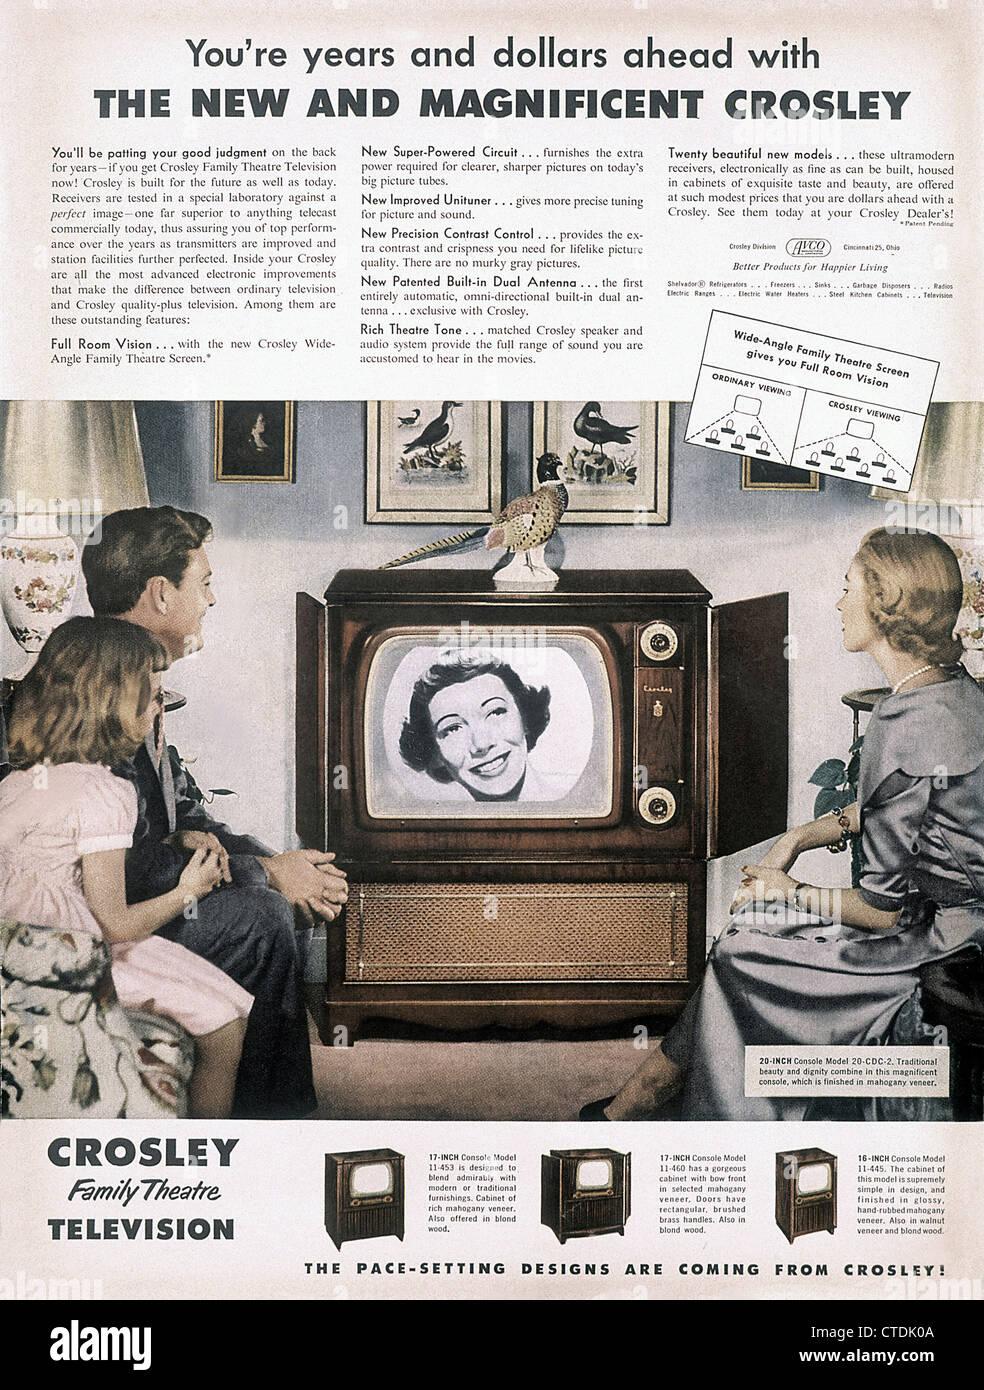 Années 1950, la publicité pour Crosley téléviseur montrant famille regarder la télévision. Photo Stock